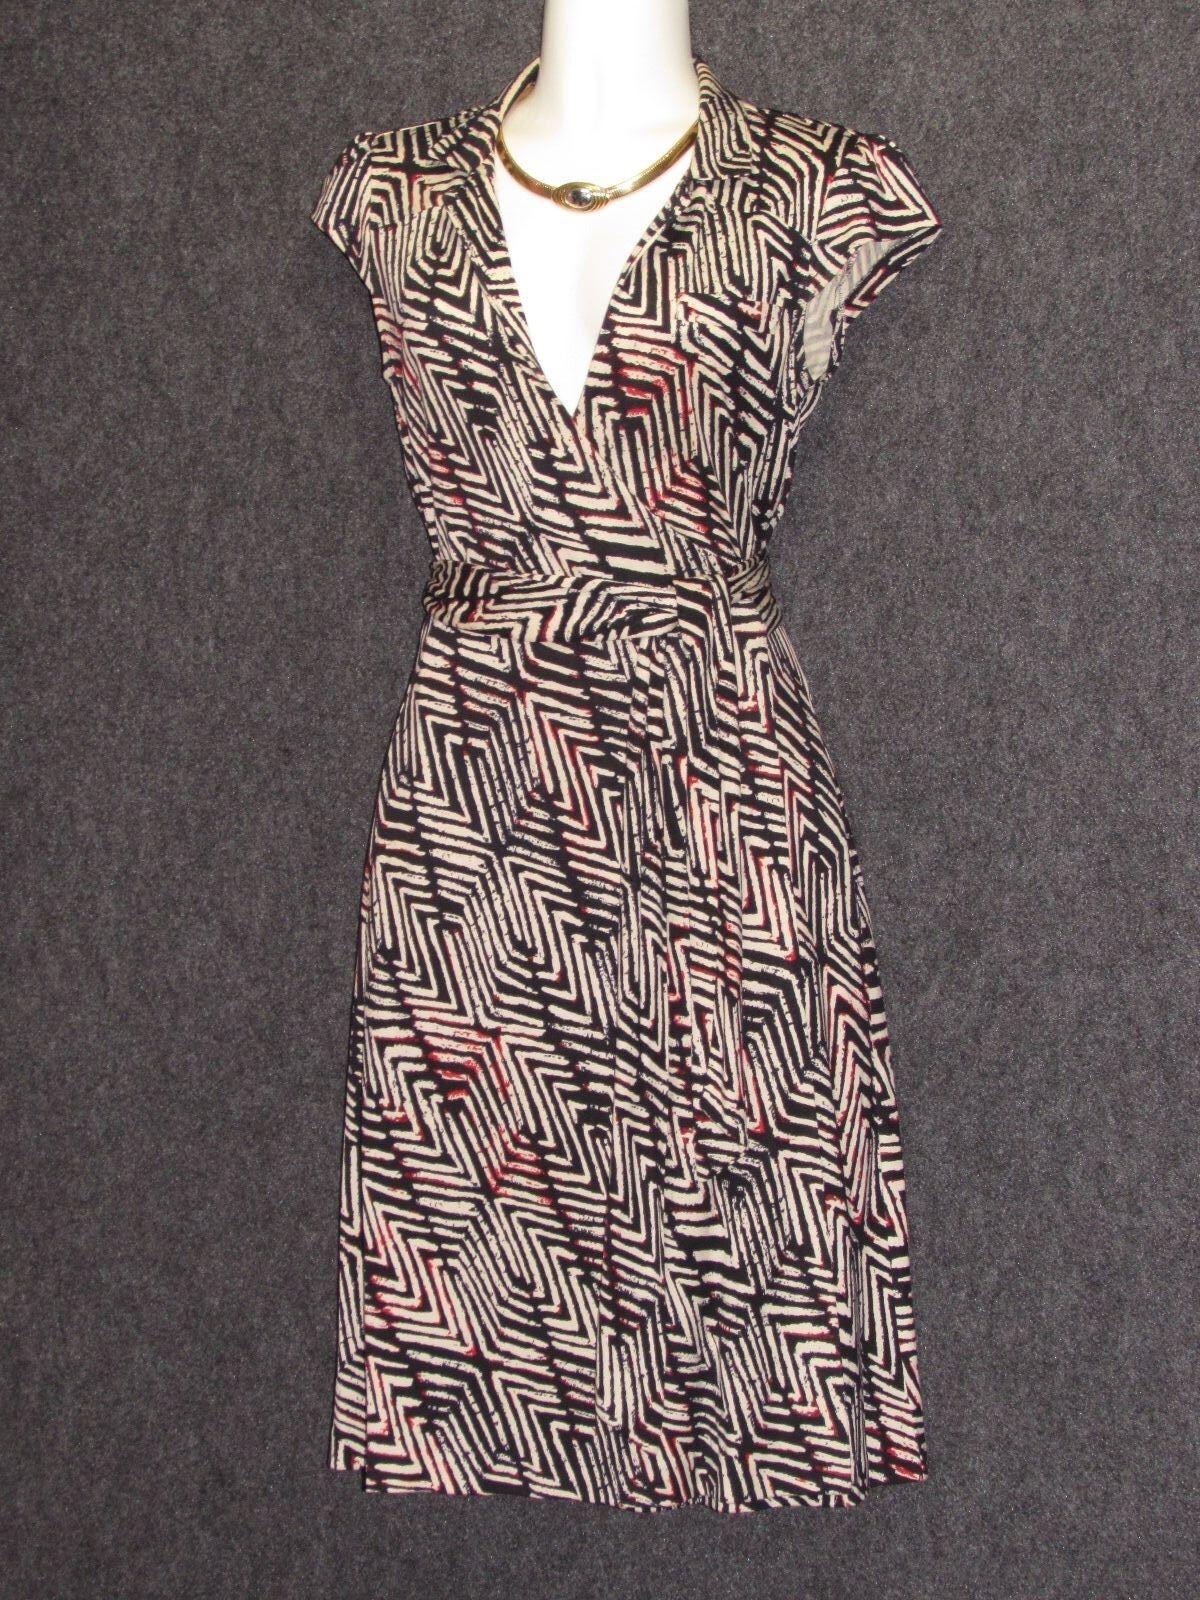 DIANE VON FURSTENBERG Griffith schwarz Weiß rot Silk Wrap DRESS SZ 2